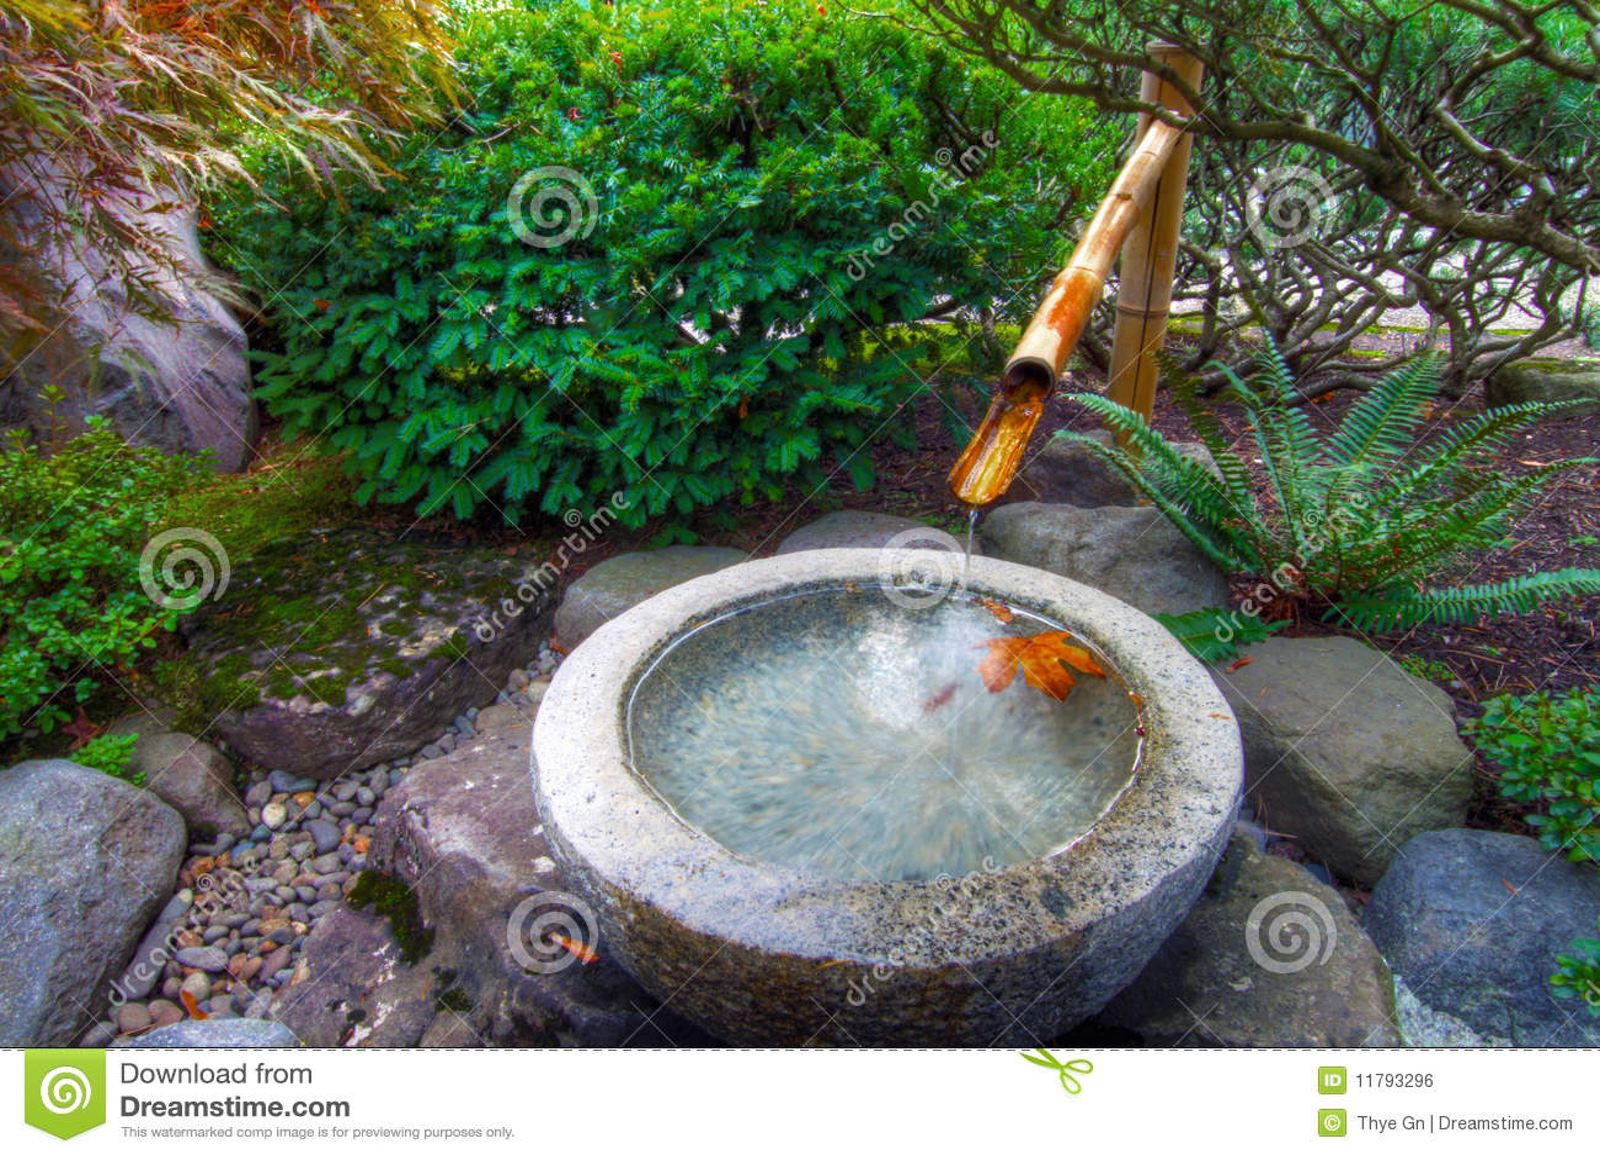 Fuente de agua de bamb en jard n japon s imagen de for Fontaine bambou exterieur